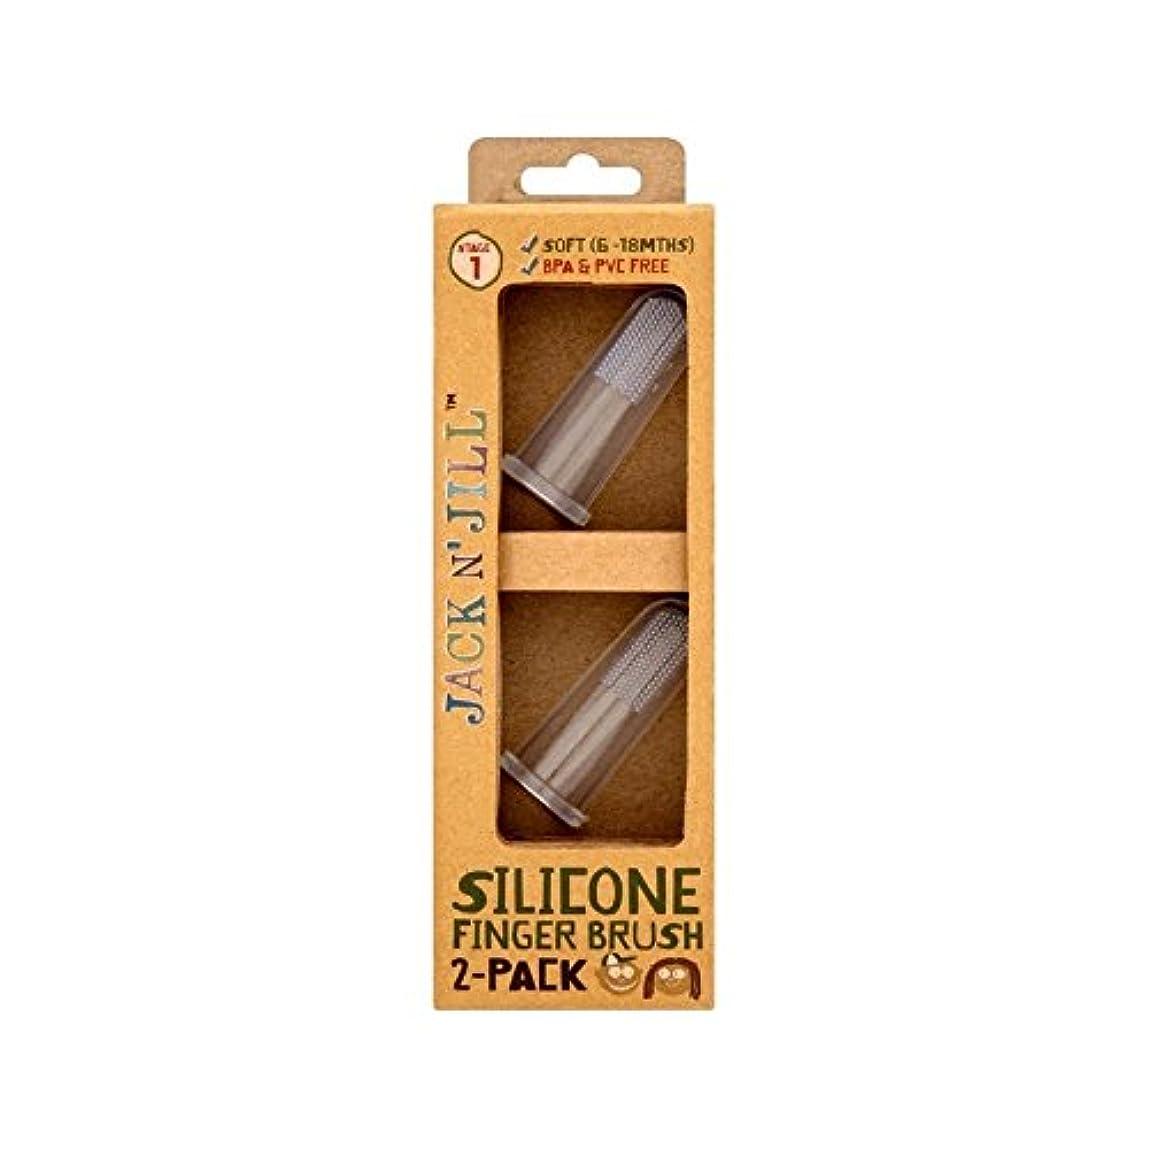 科学者立法割り当てますシリコーン指ブラシ2パックあたりパック2 (Jack N Jill) (x 4) - Jack N' Jill Silicone Finger Brush 2 Pack 2 per pack (Pack of 4) [並行輸入品]